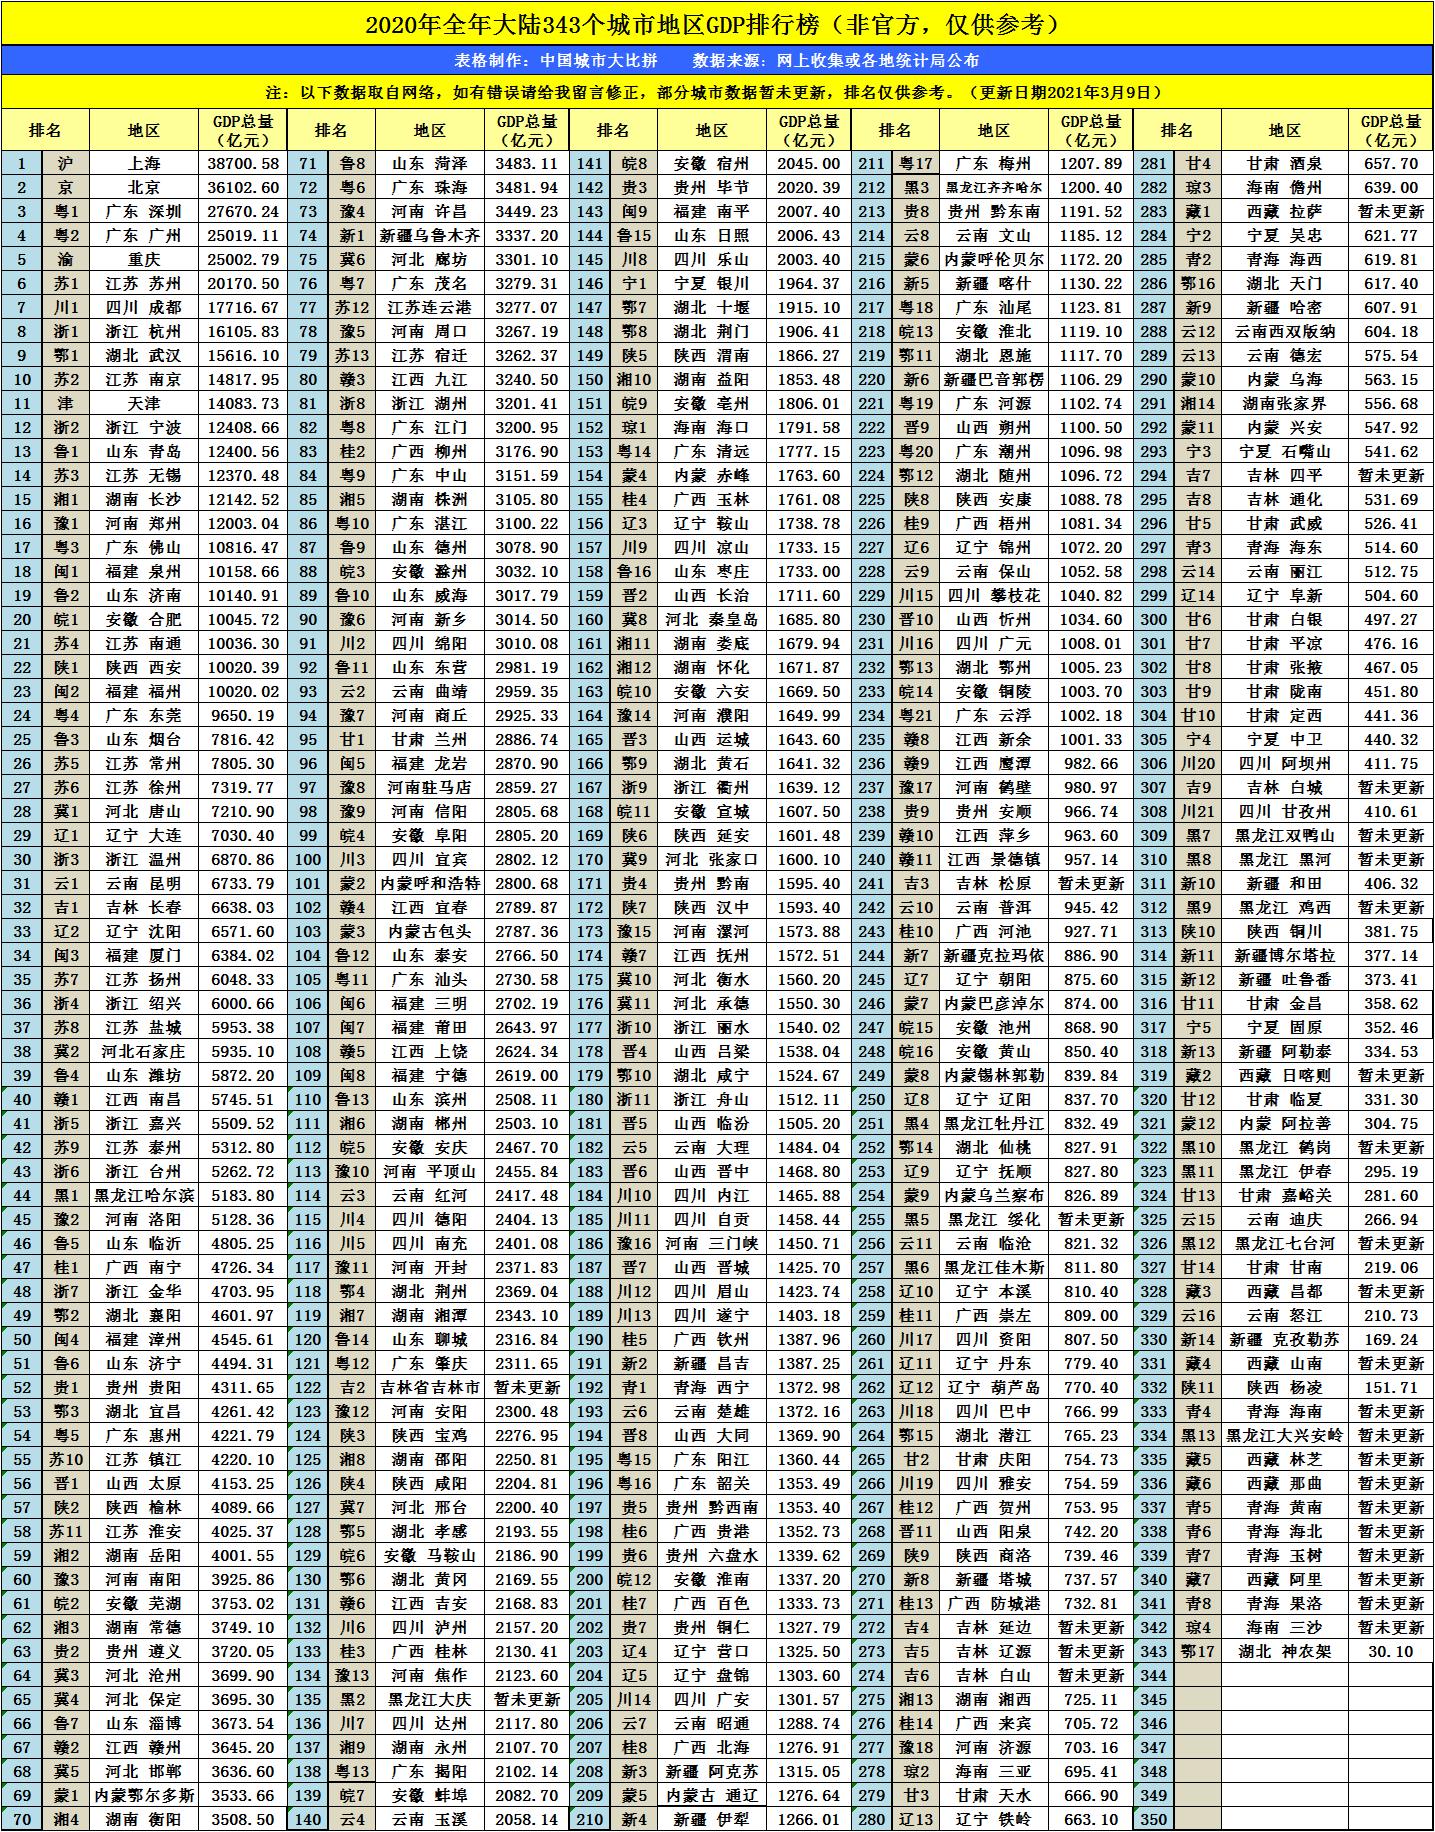 鄂尔多斯人均GDP2021_世界人均gdp排名